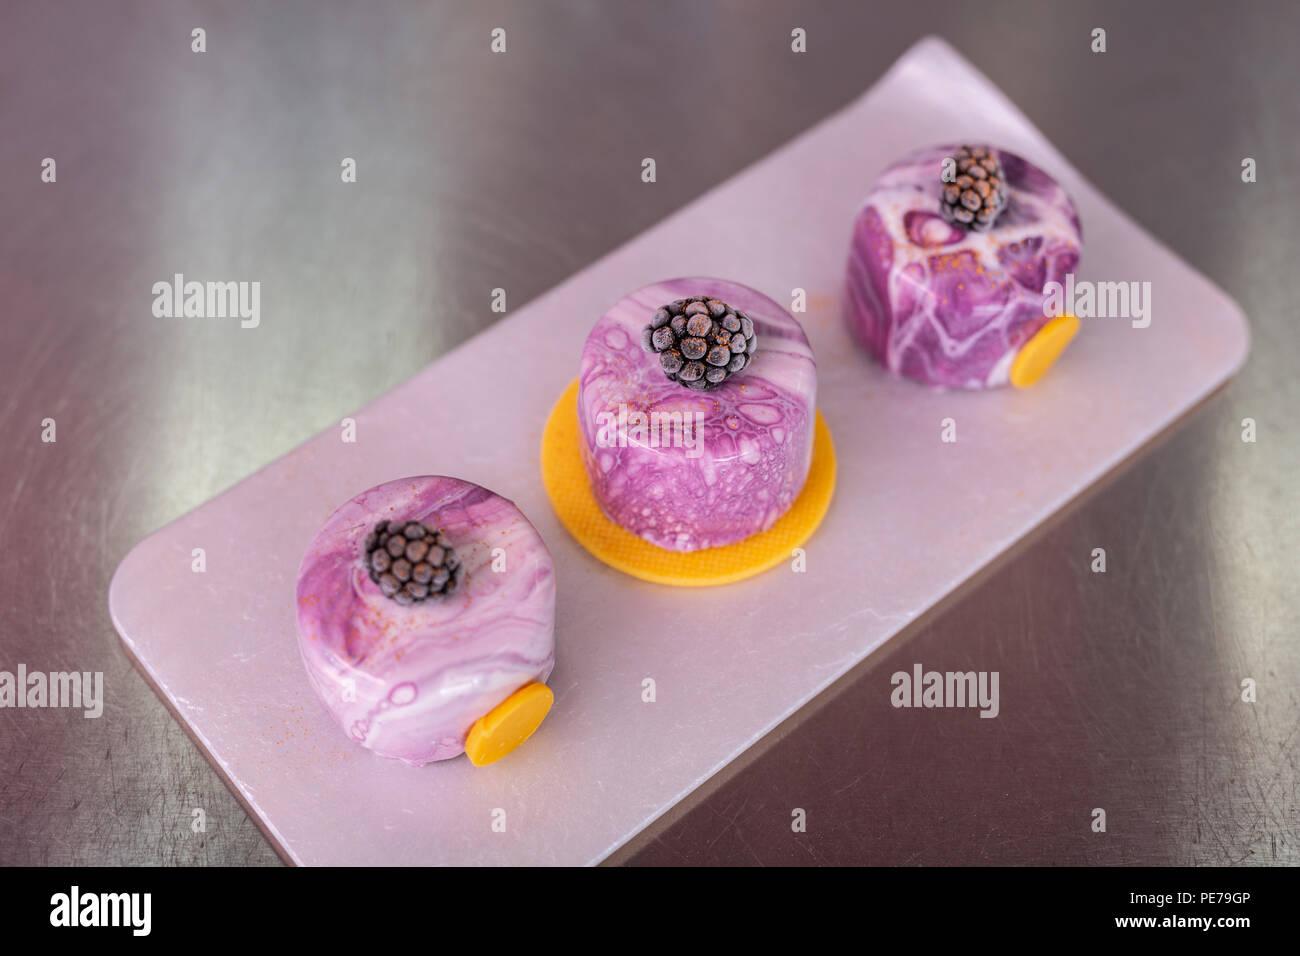 Blick von oben auf die perfekte blueberry Kuchen mit Spiegel Vereisung Stockbild